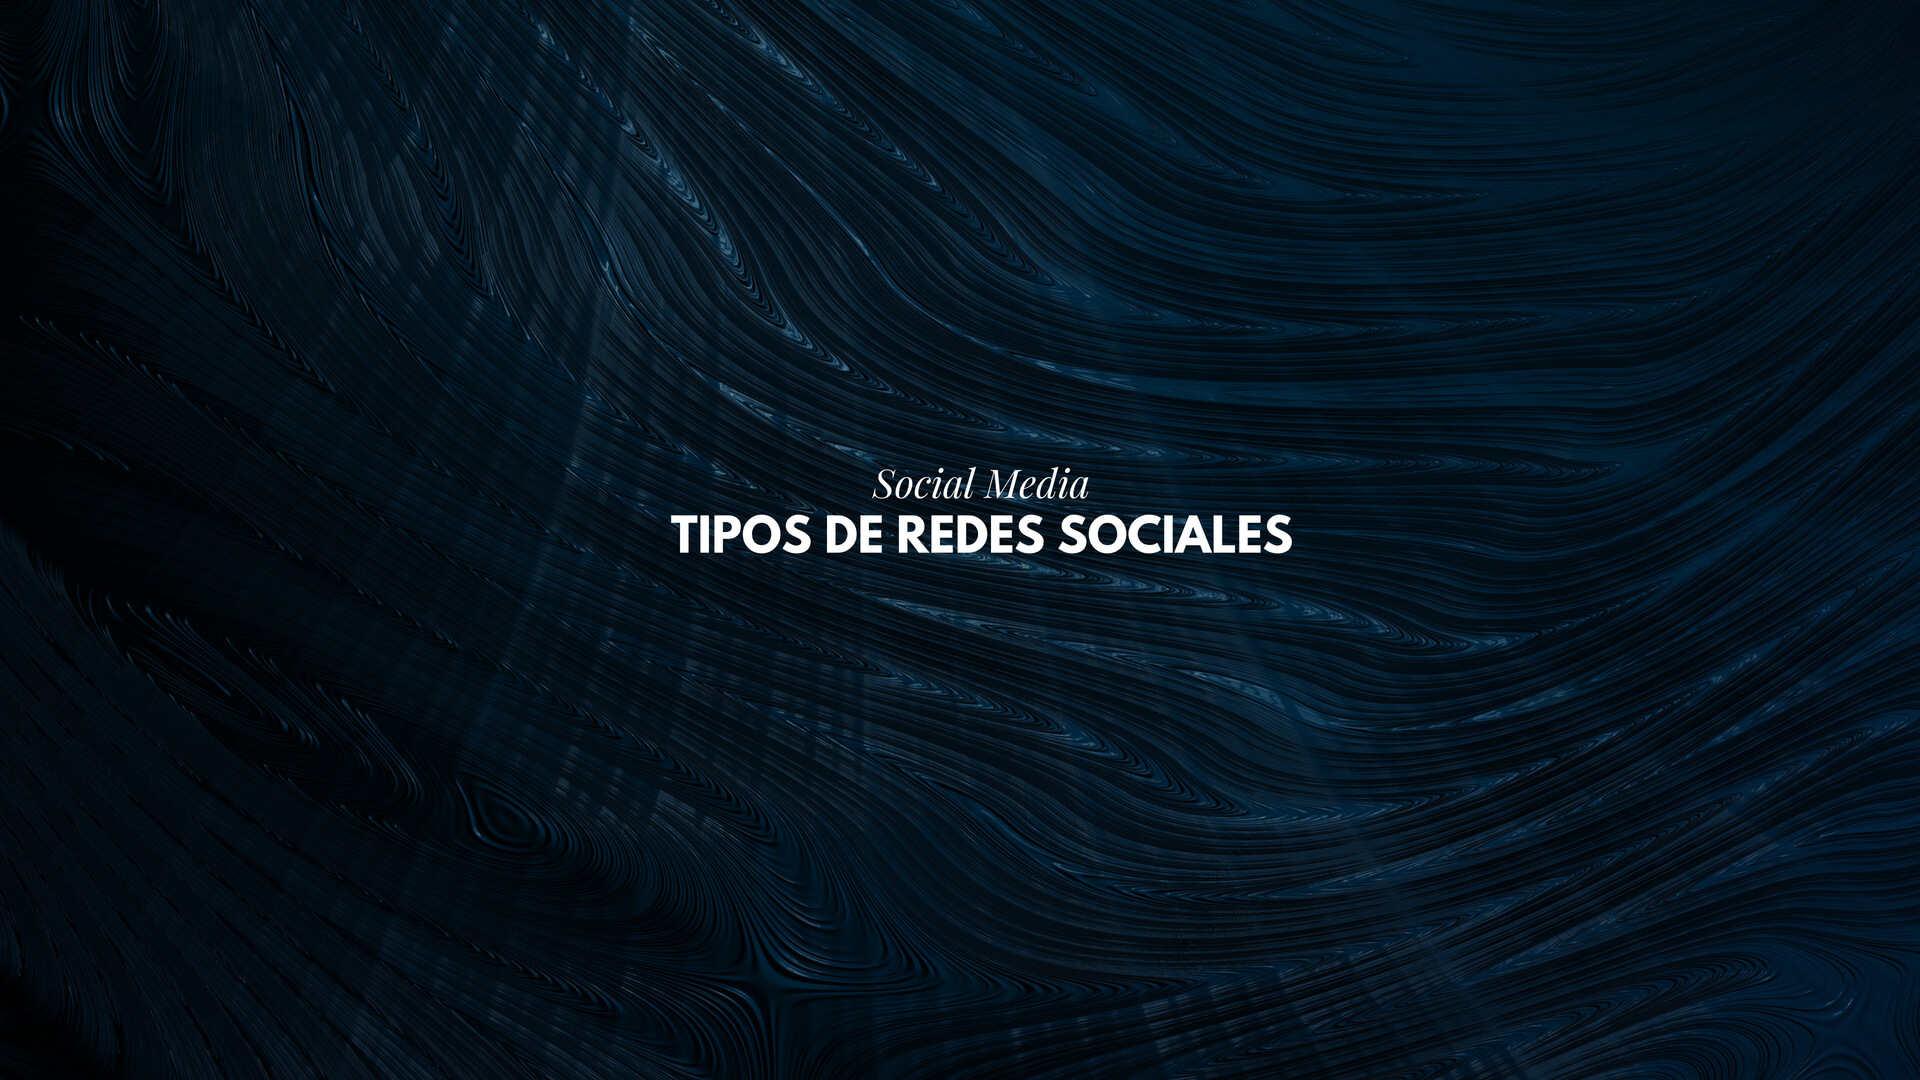 Tipos de redes sociales : qué es una red social y cómo usarlas profesionalmente